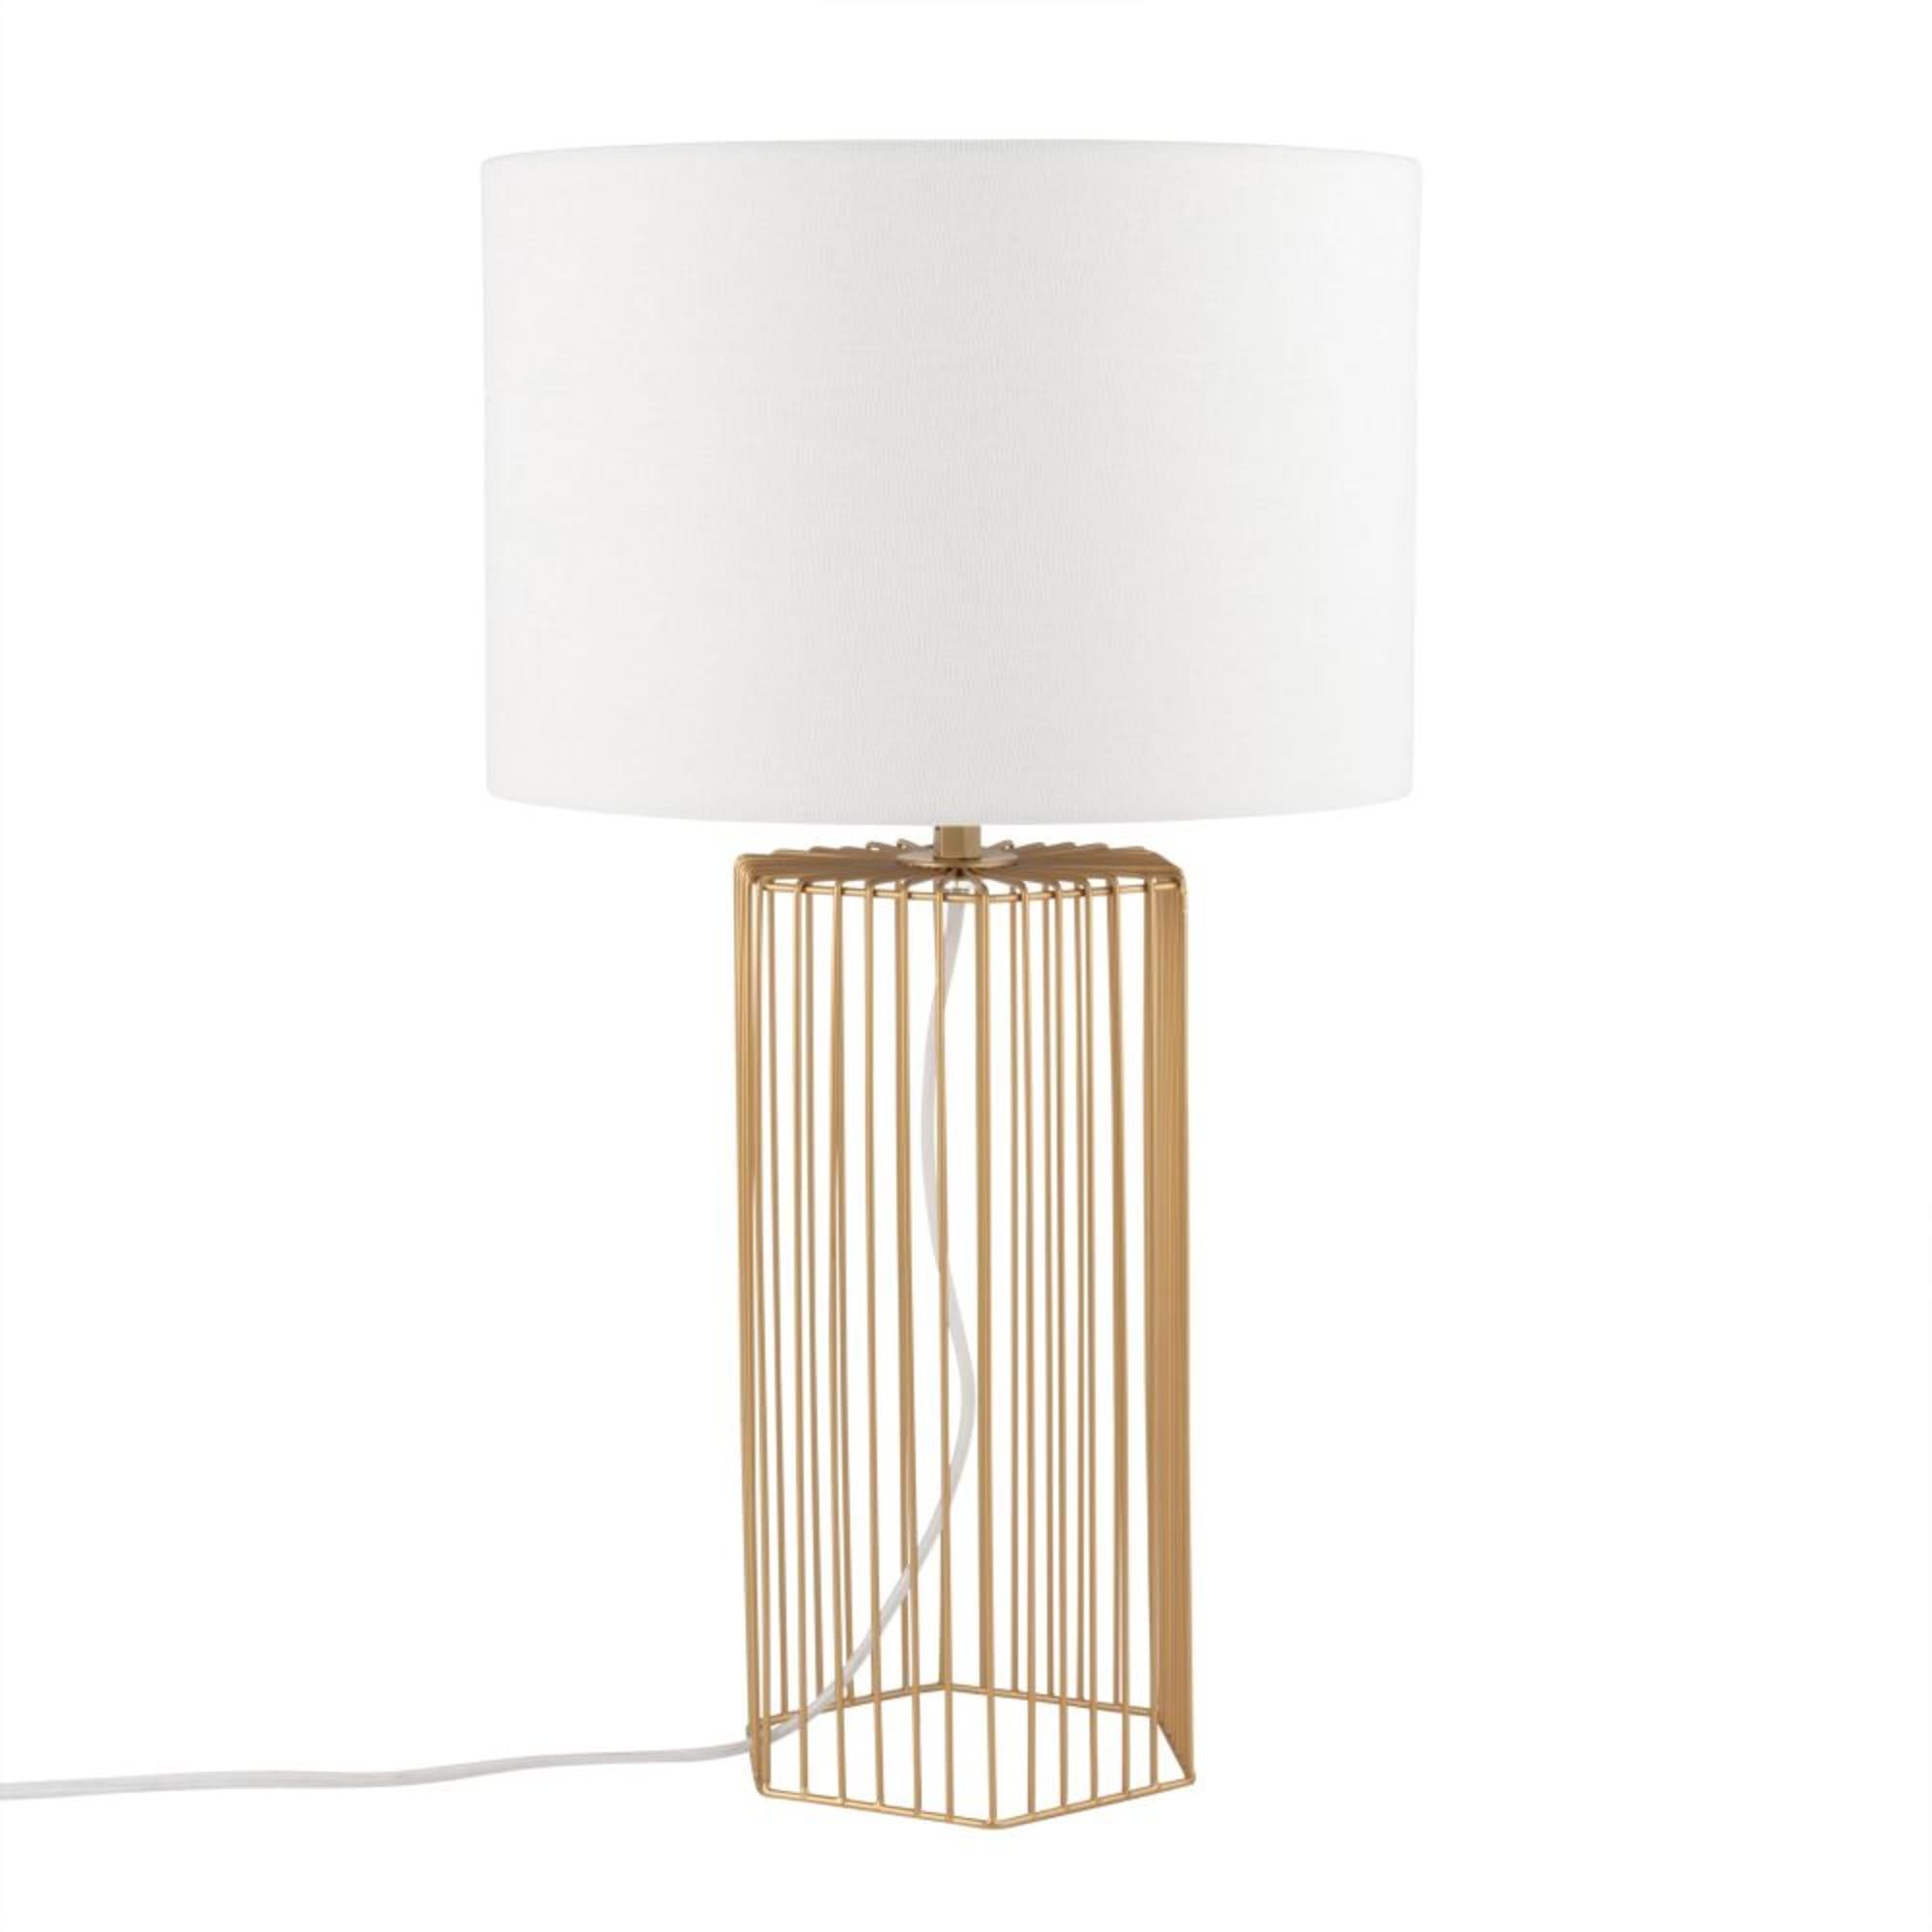 Lámpara de metal dorado y pantalla blanca